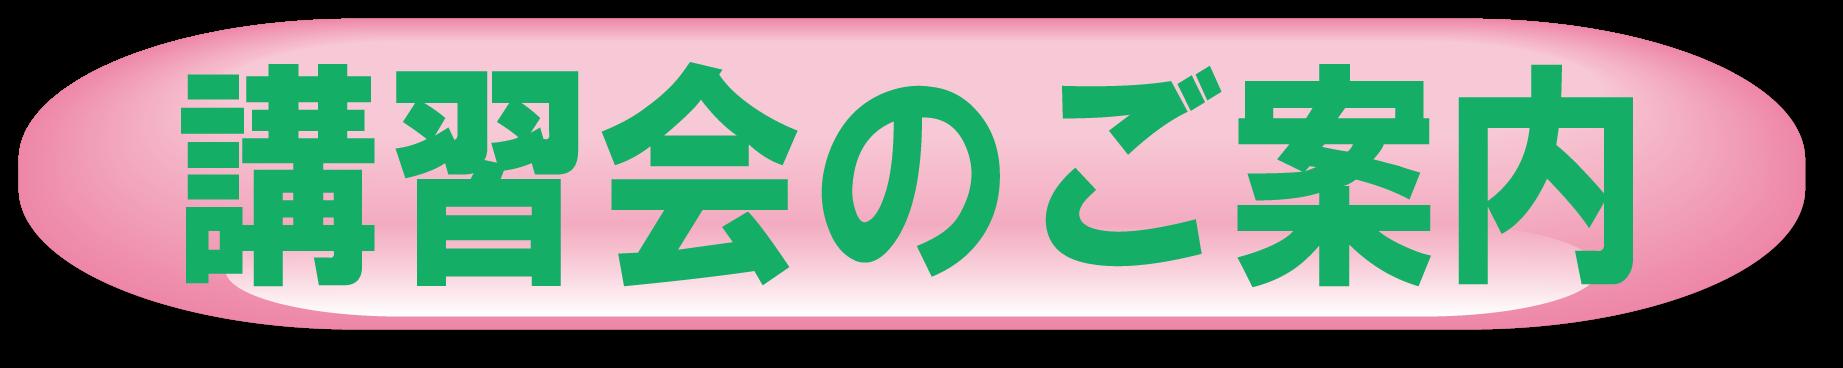 講習会 浦和の学習塾 個別対応Be‐1(びーわん)